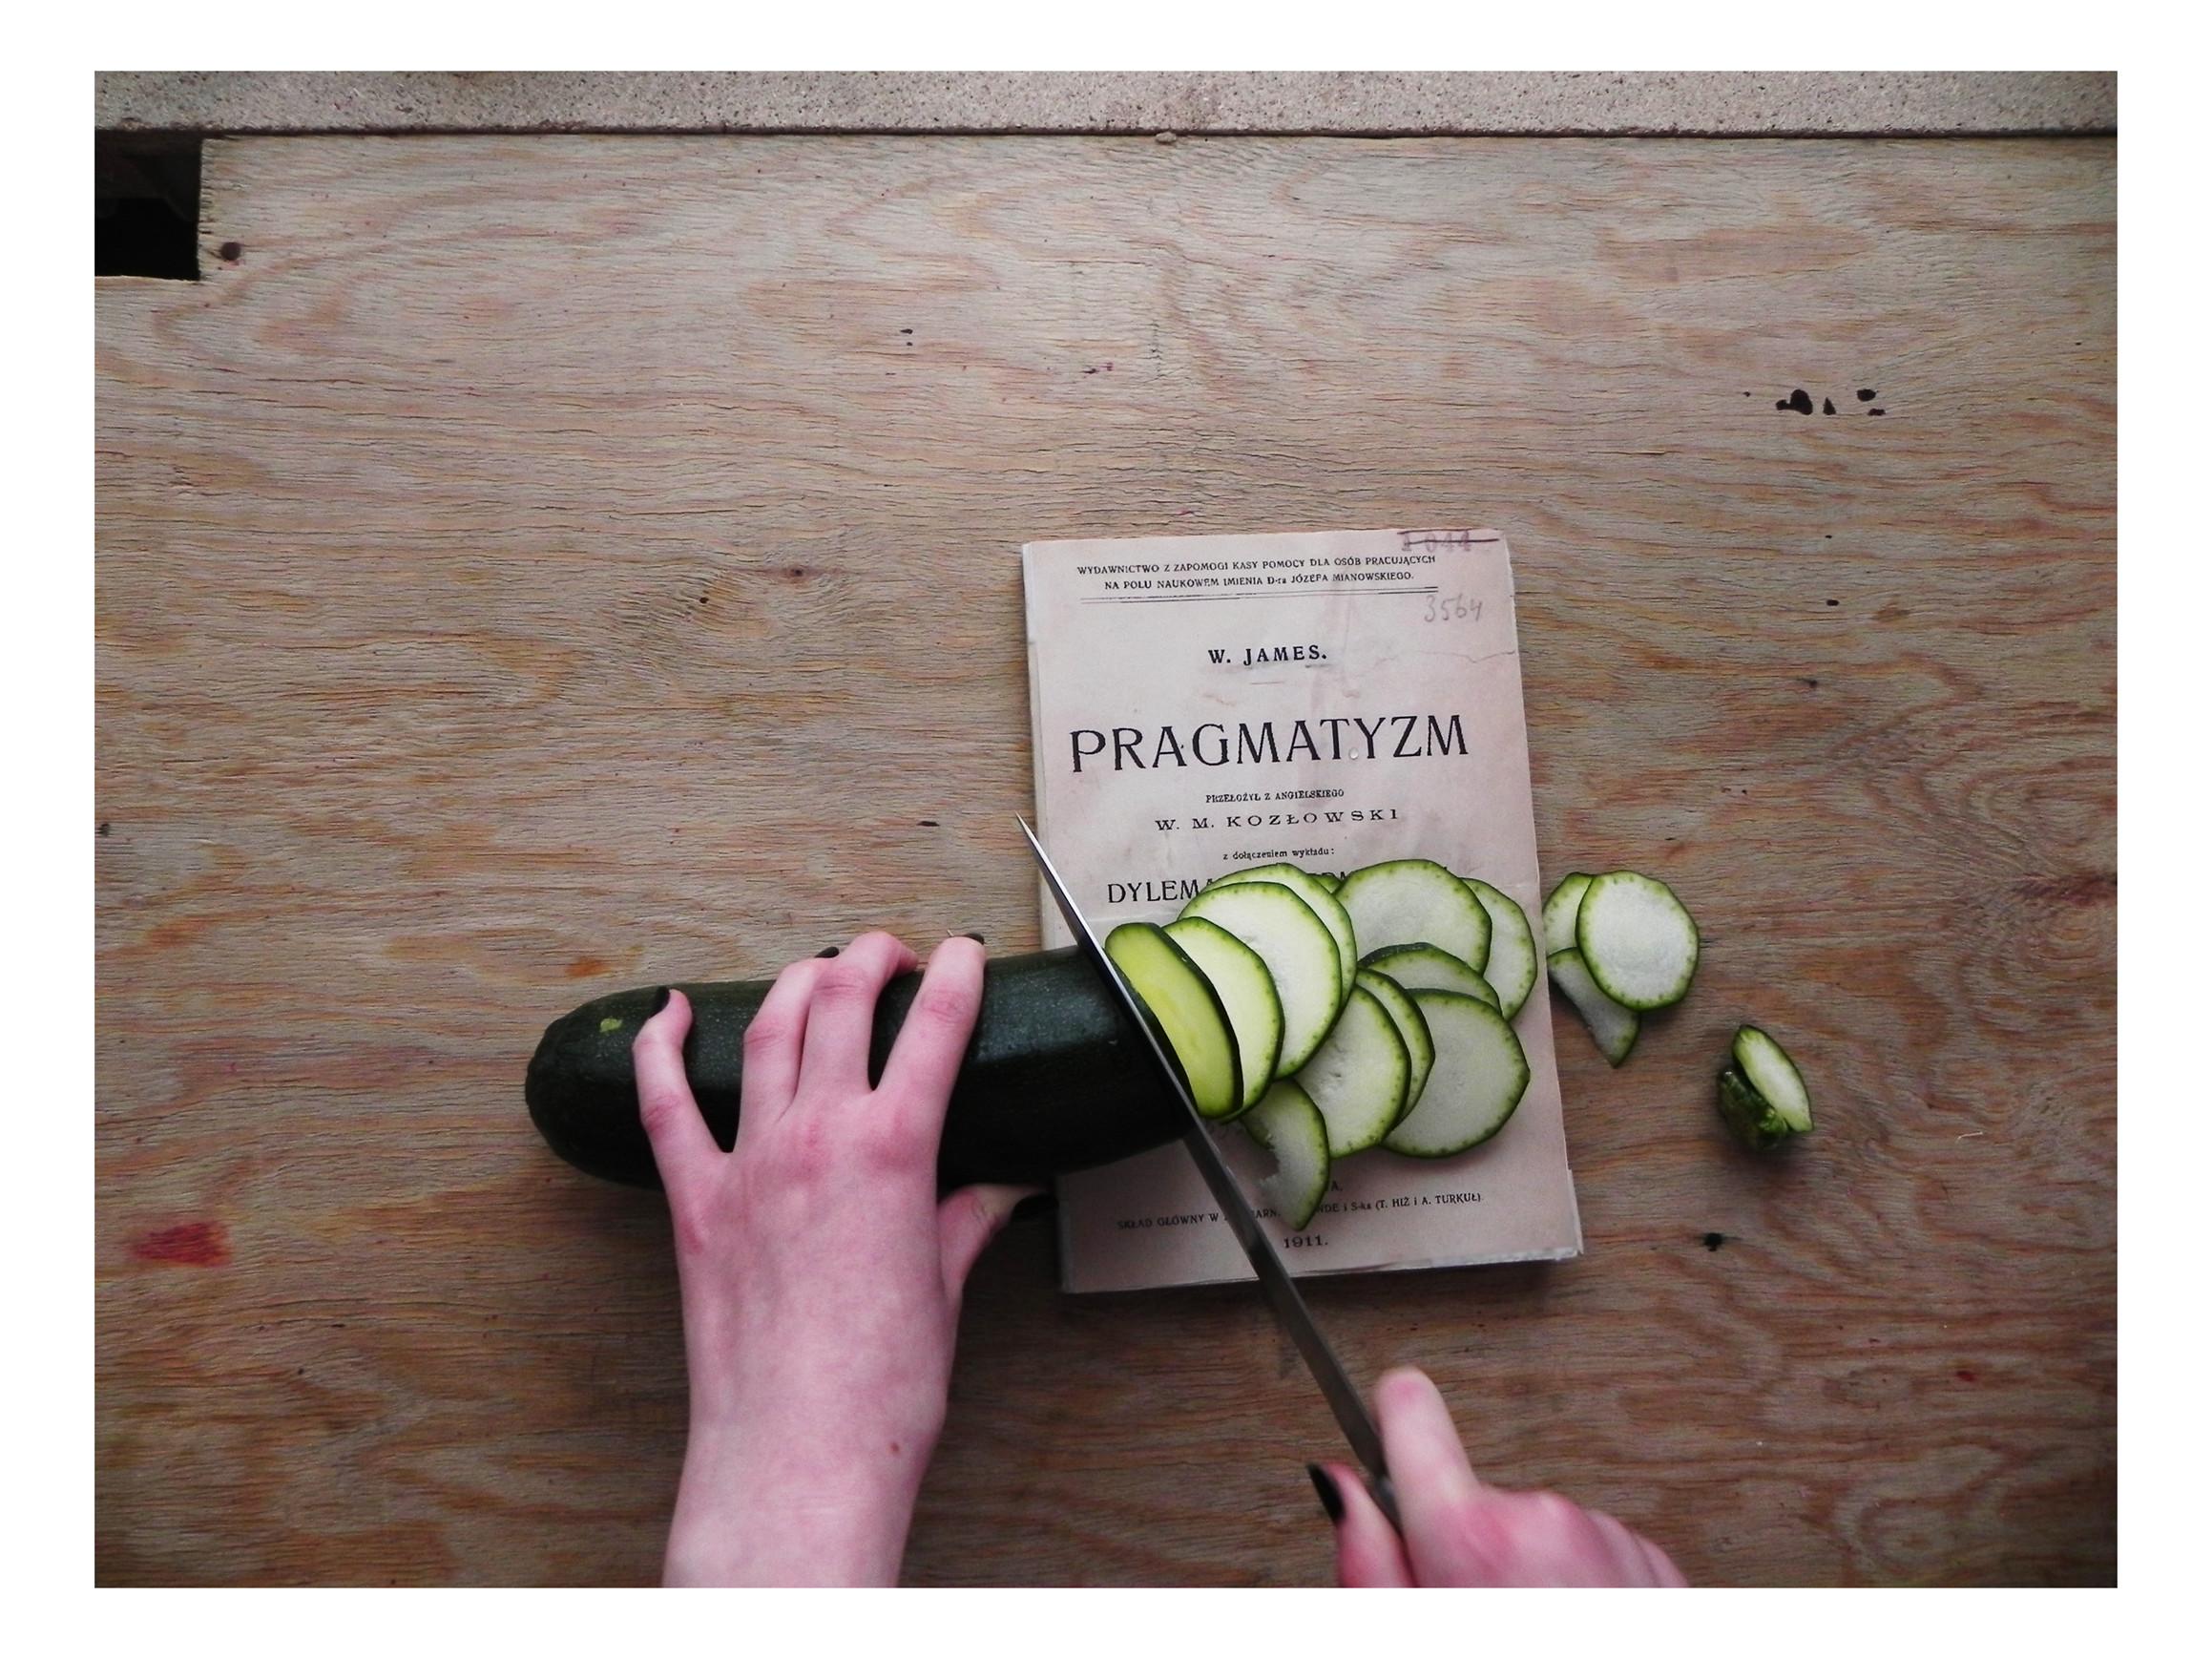 Pragmatyzm i cukinia